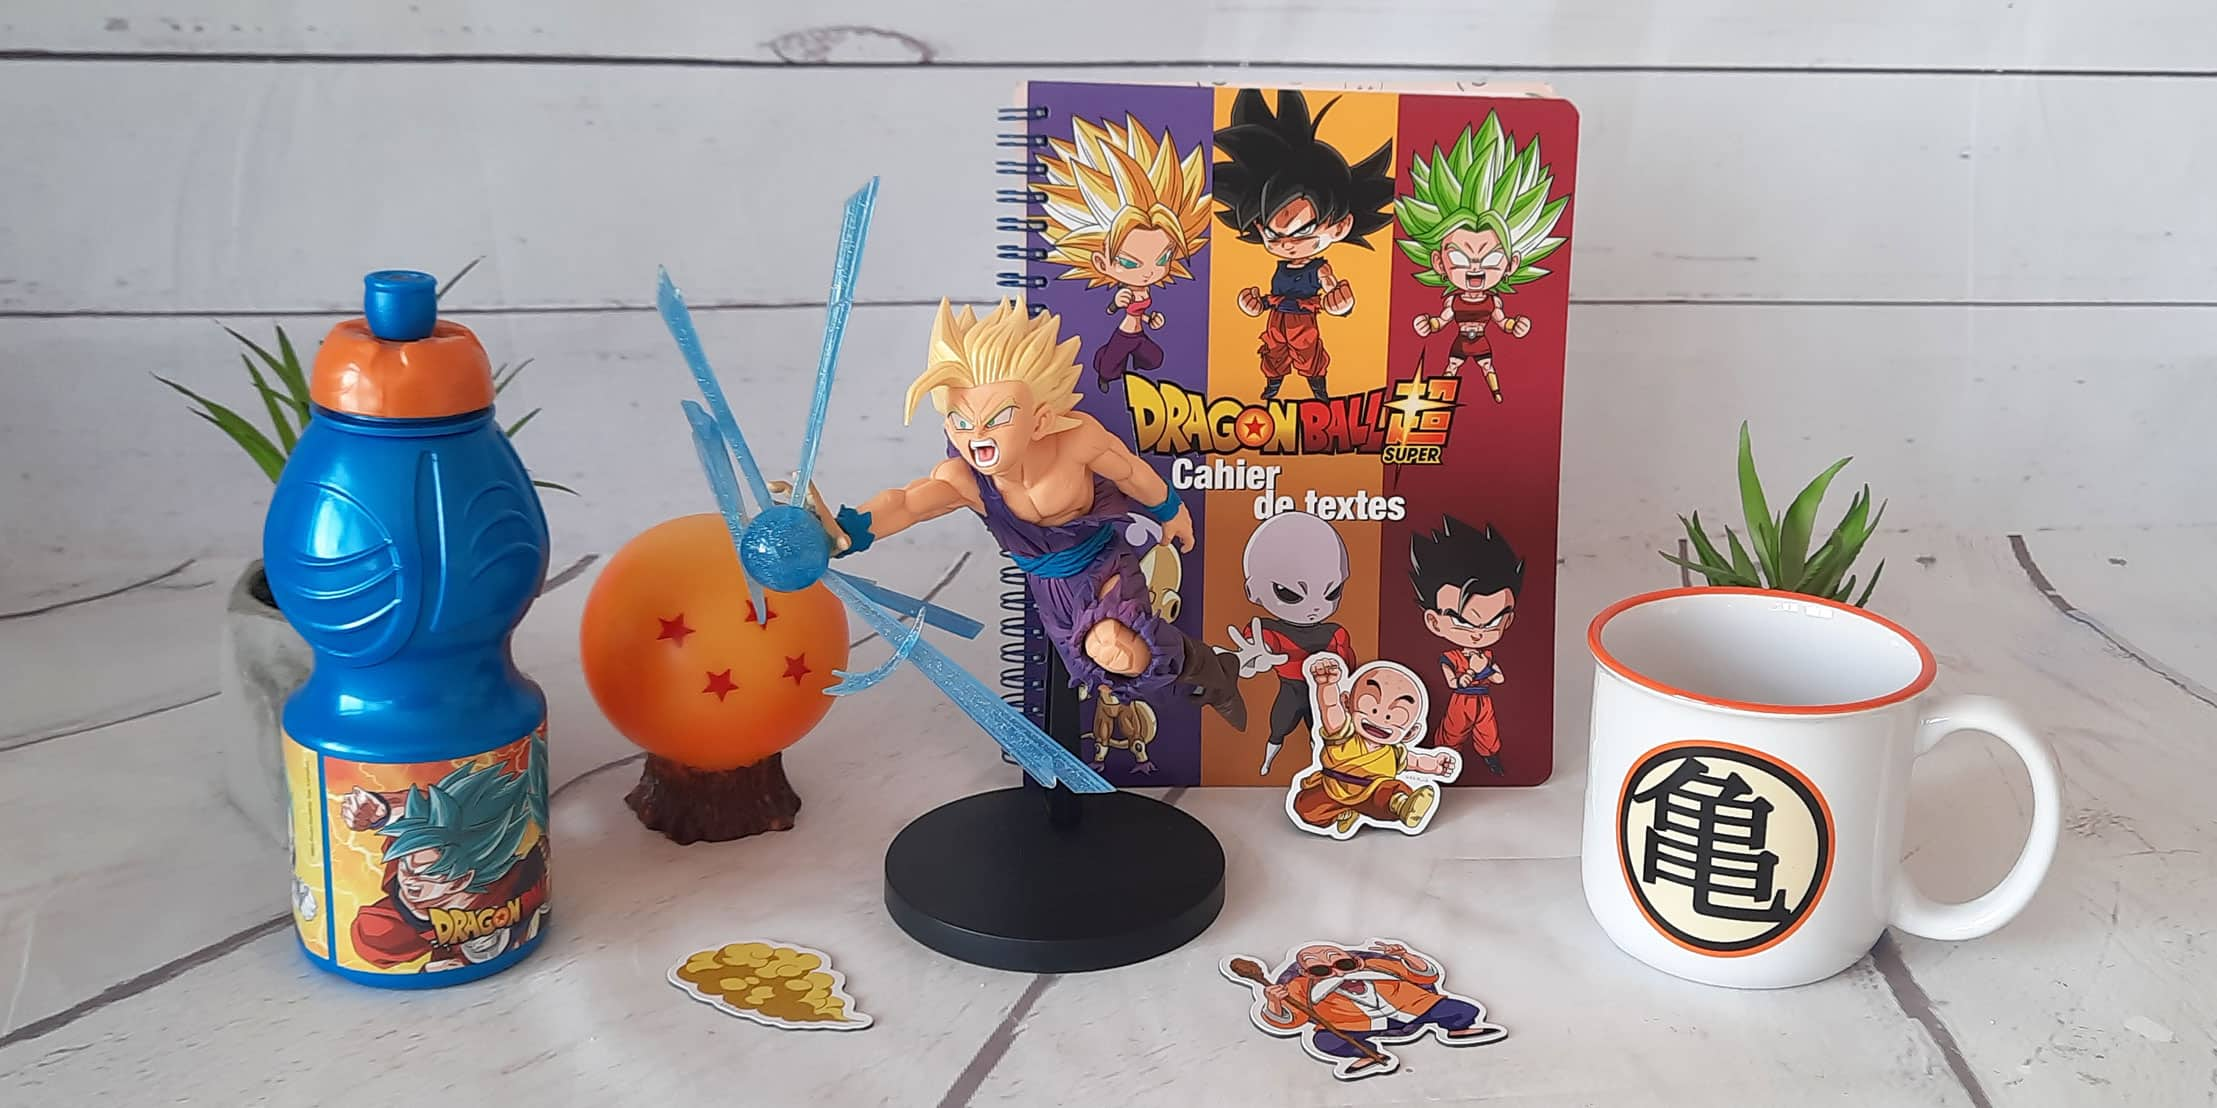 Vous êtes fan de Dragon Ball ? Retrouvez l'univers de Son Goku et ses amis sous forme de figurines, bouteilles, porte clés, mugs, ... Il y a des cadeaux et des goodies pour tout le monde.